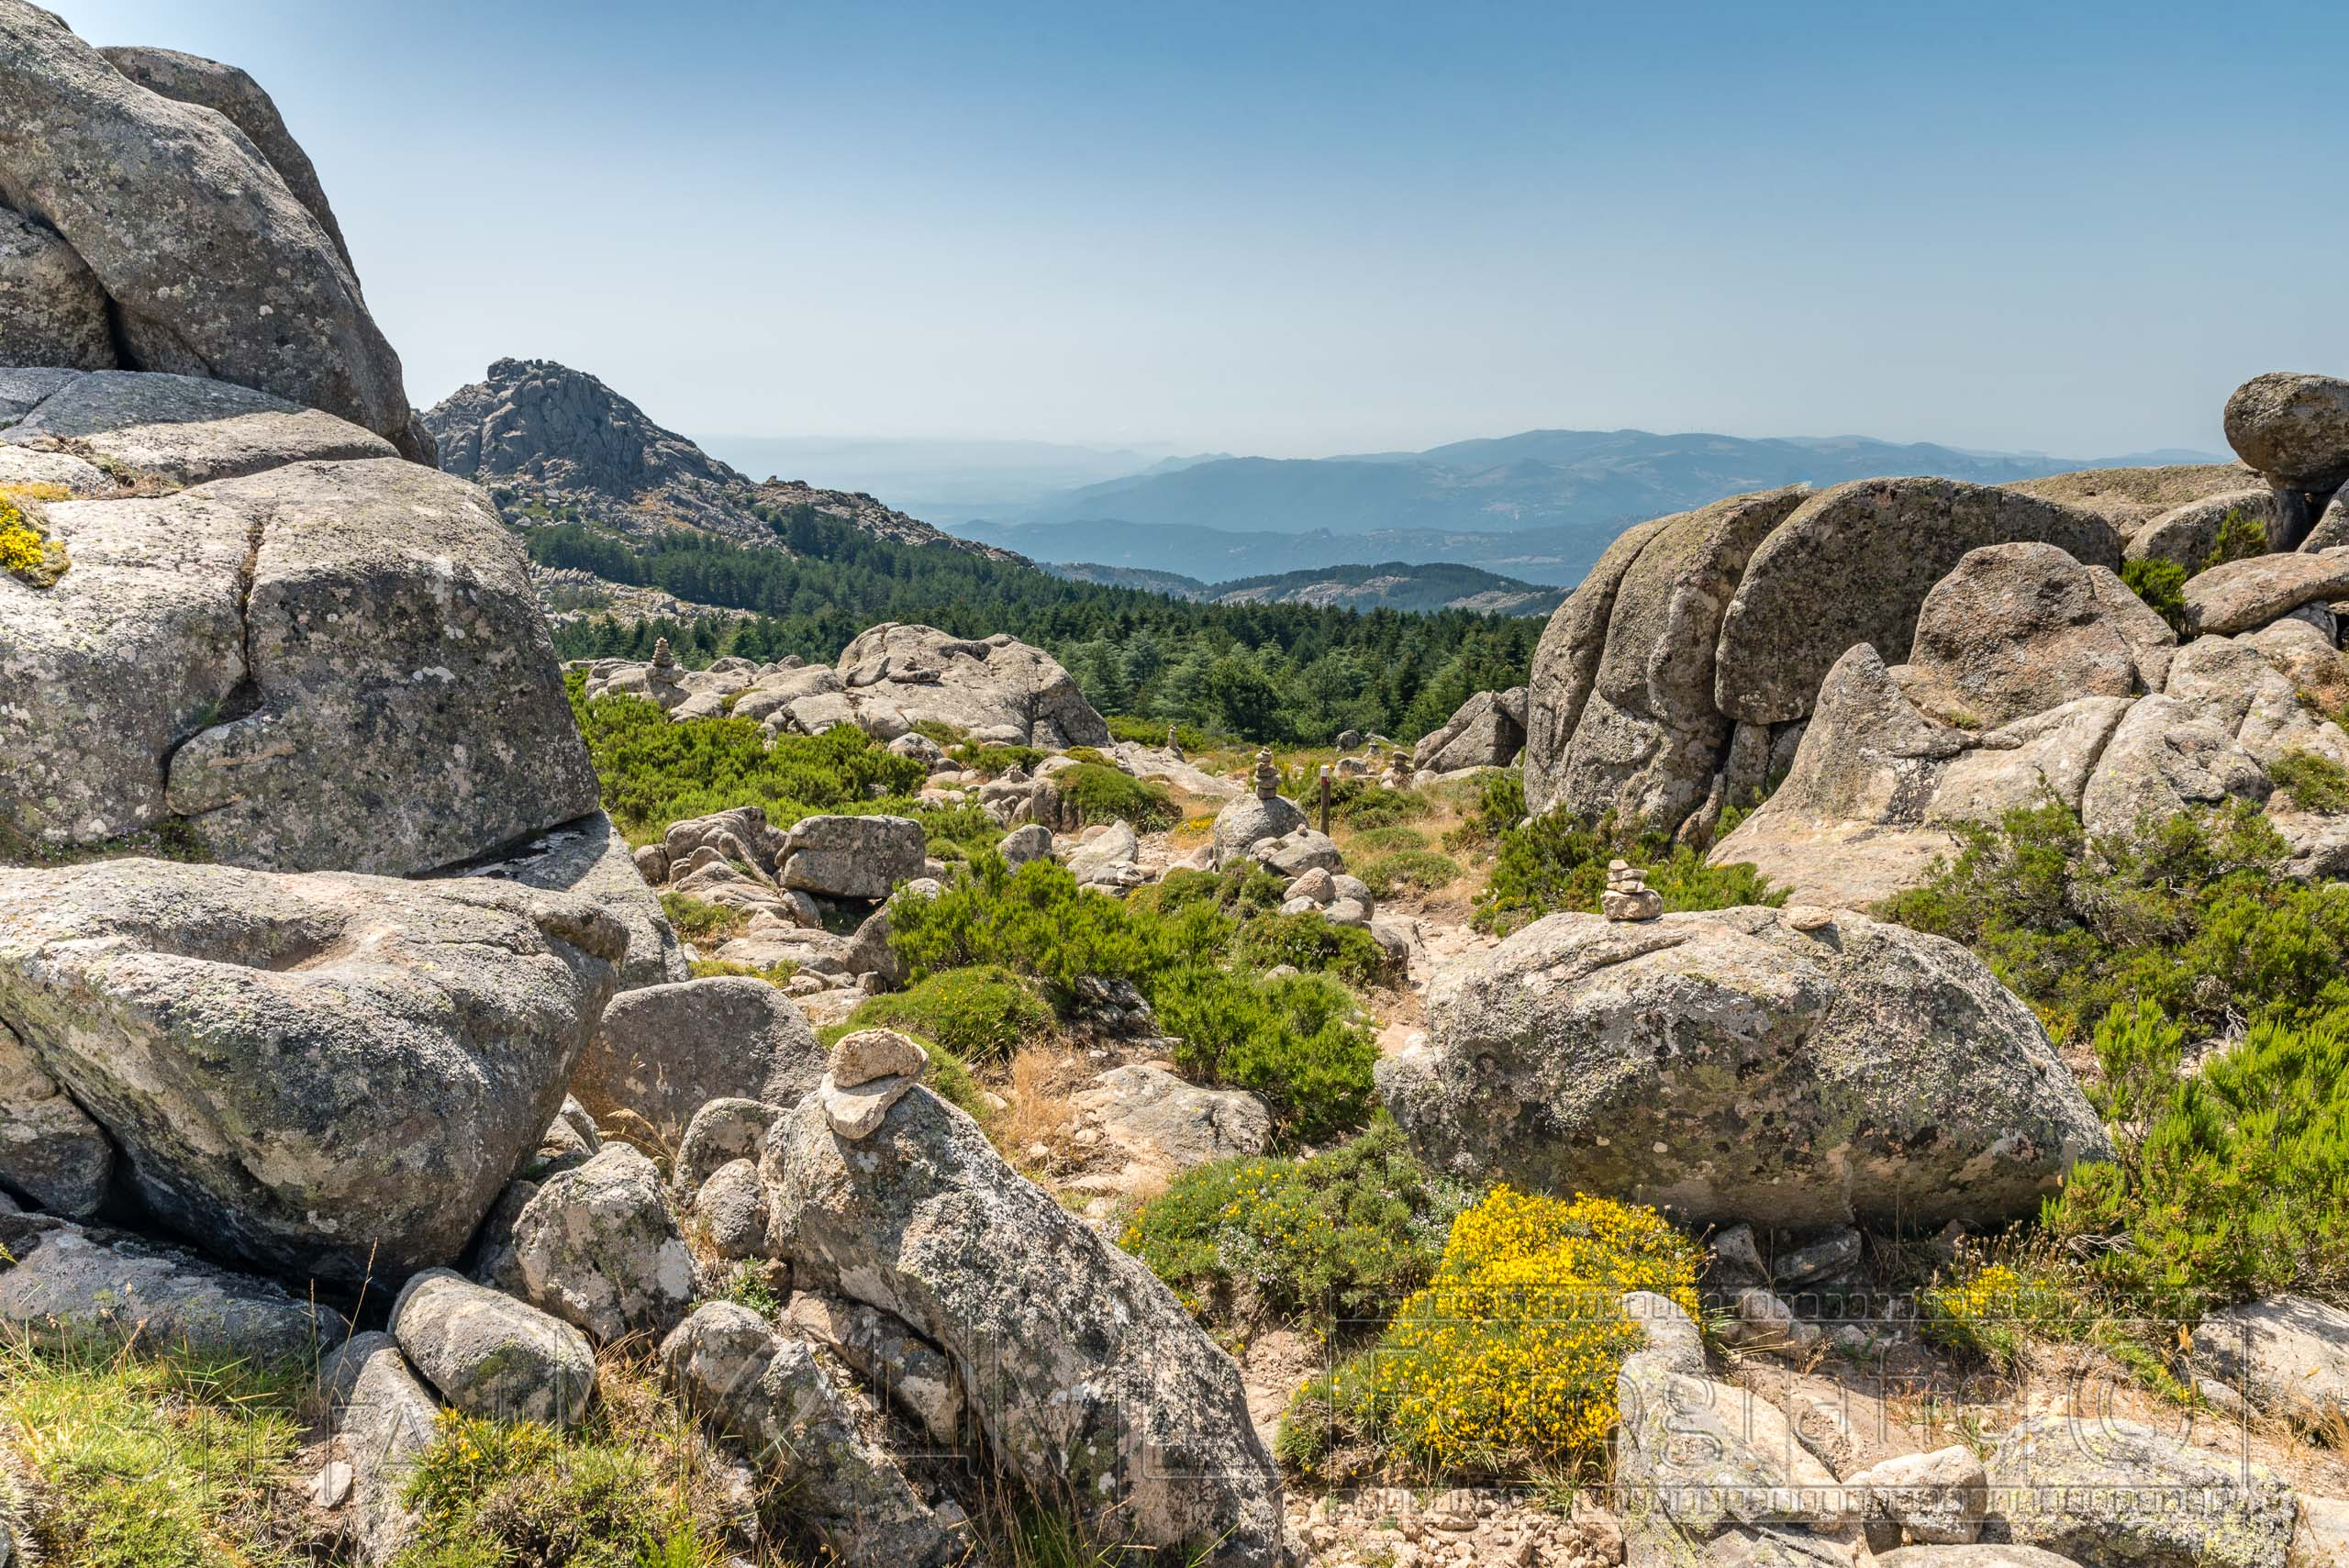 Umrundung des Monte Limbara auf Sardinien.